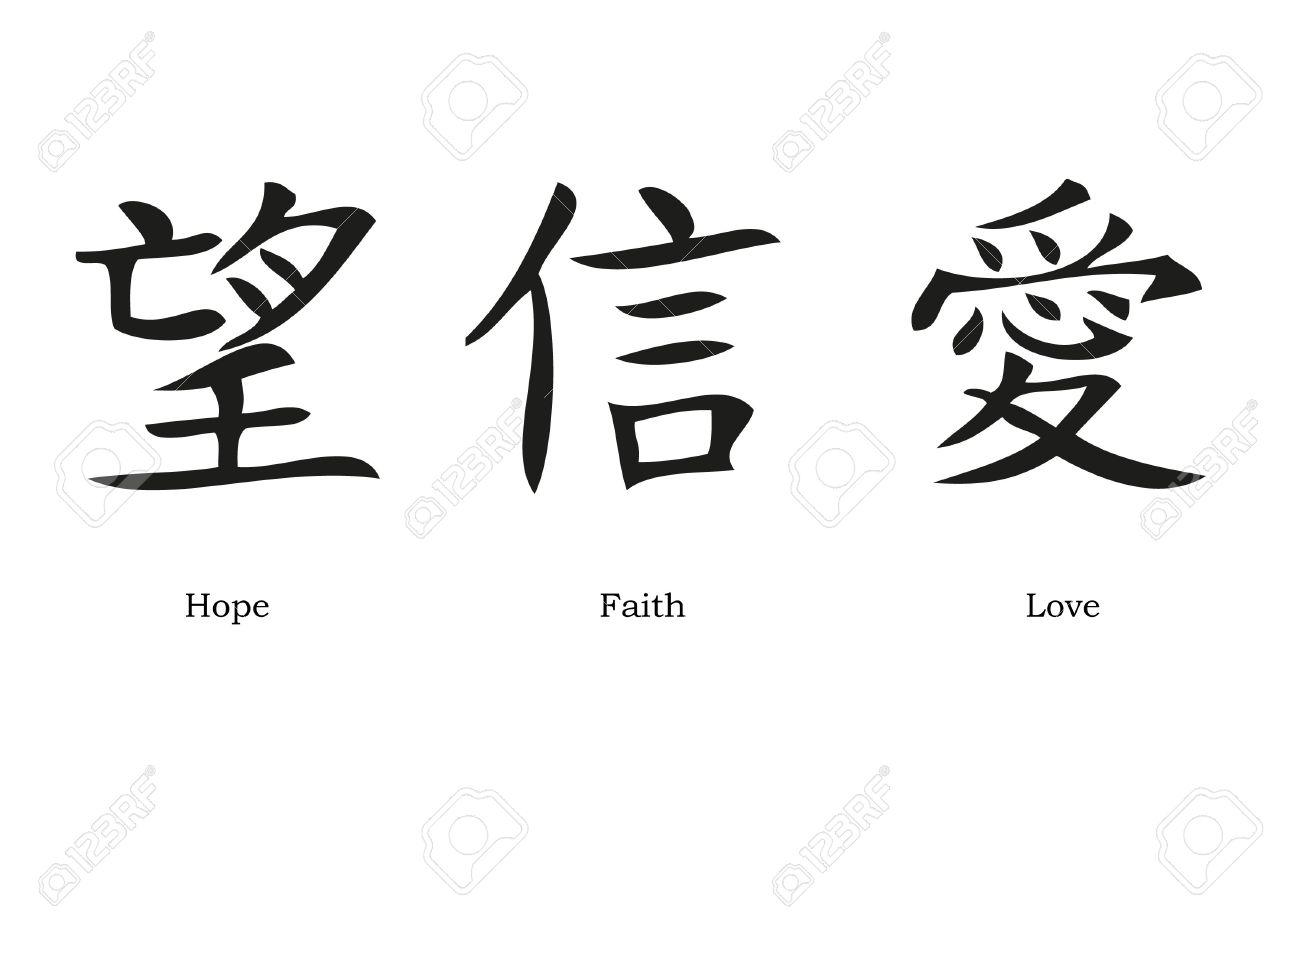 Símbolos Chinos De Amor La Esperanza Y La Fe Ilustraciones